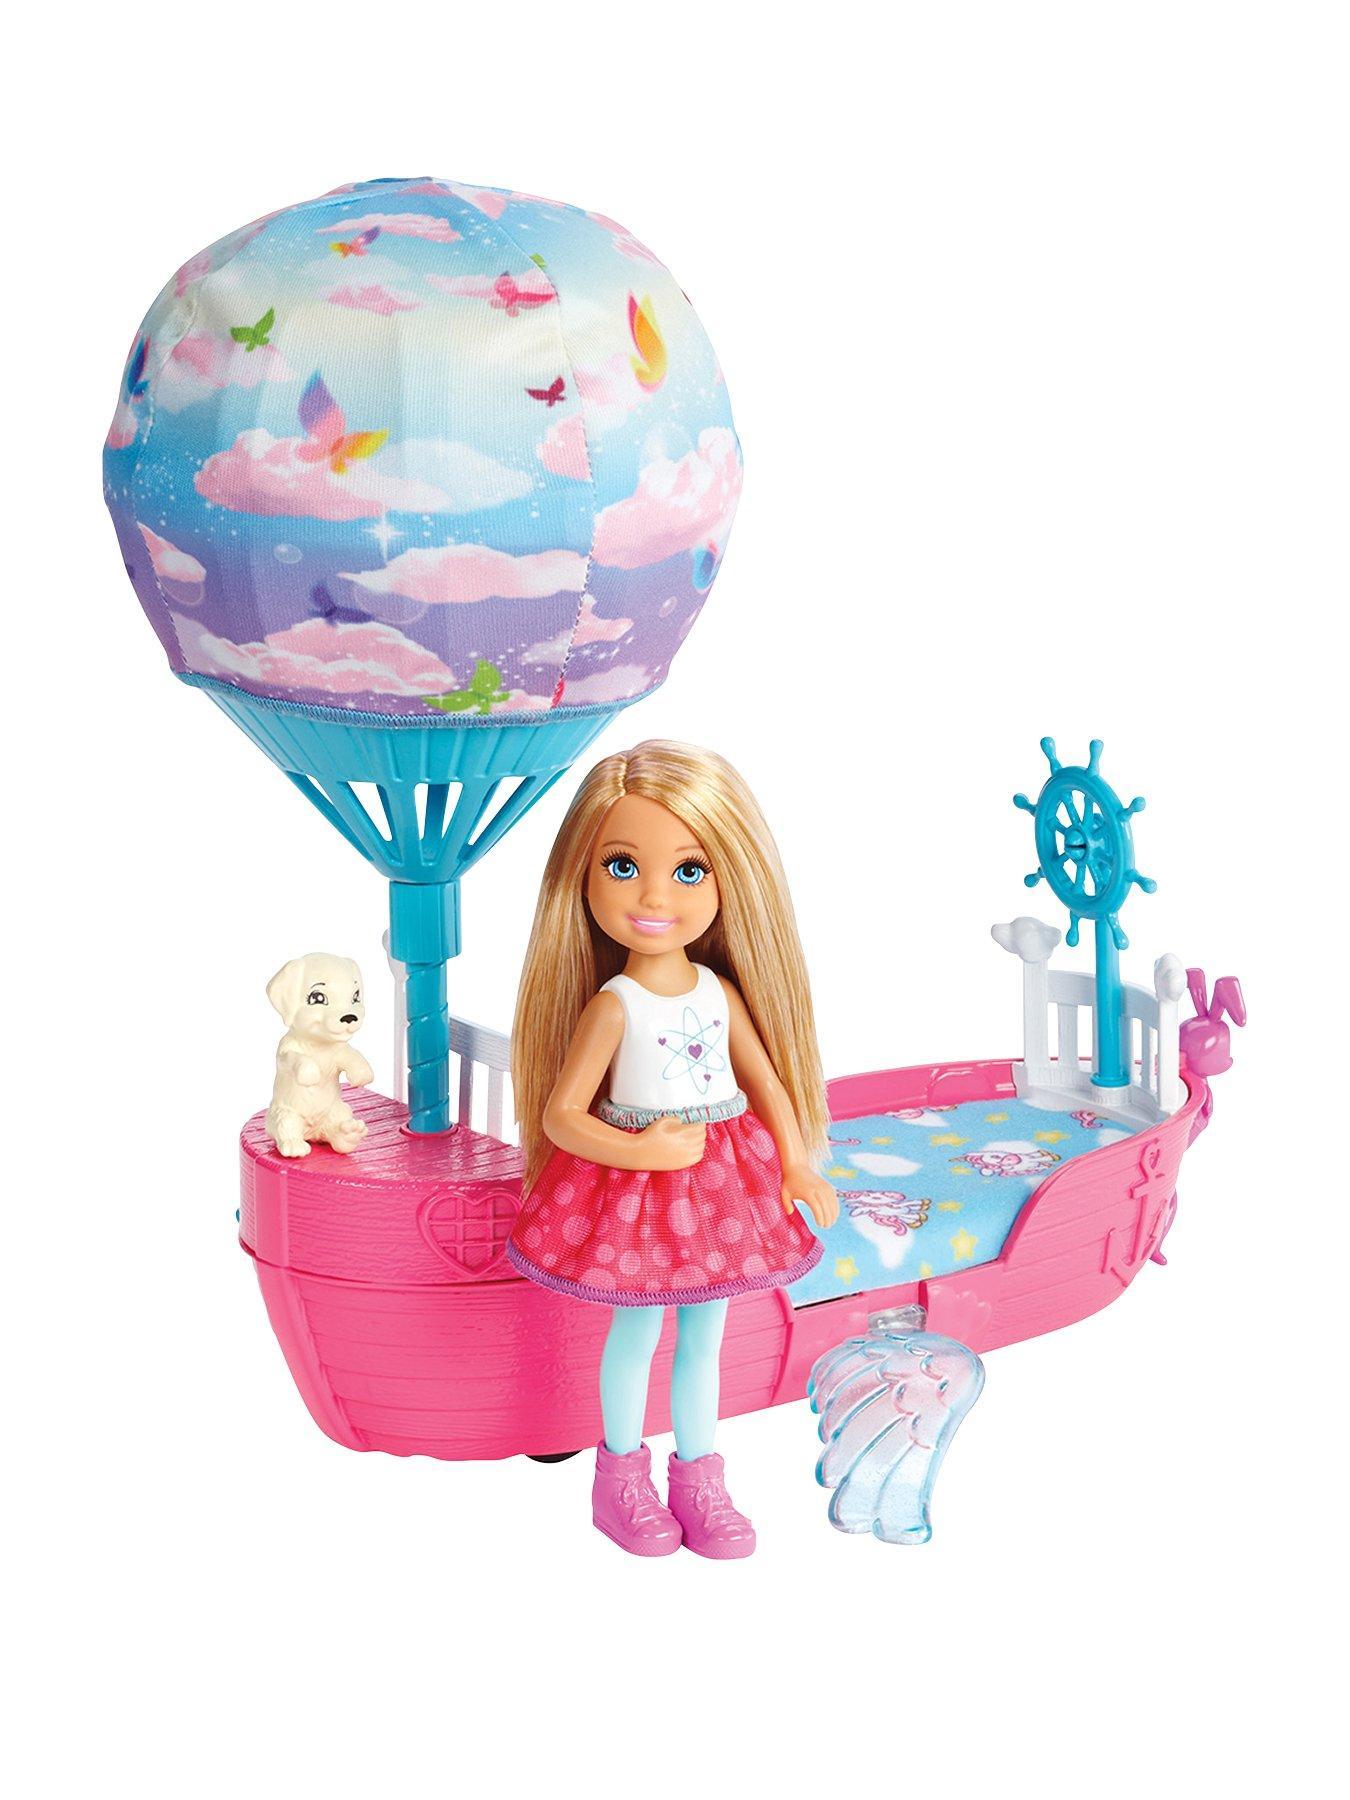 Compare prices for Barbie Dreamtopia Magical Dreamboat